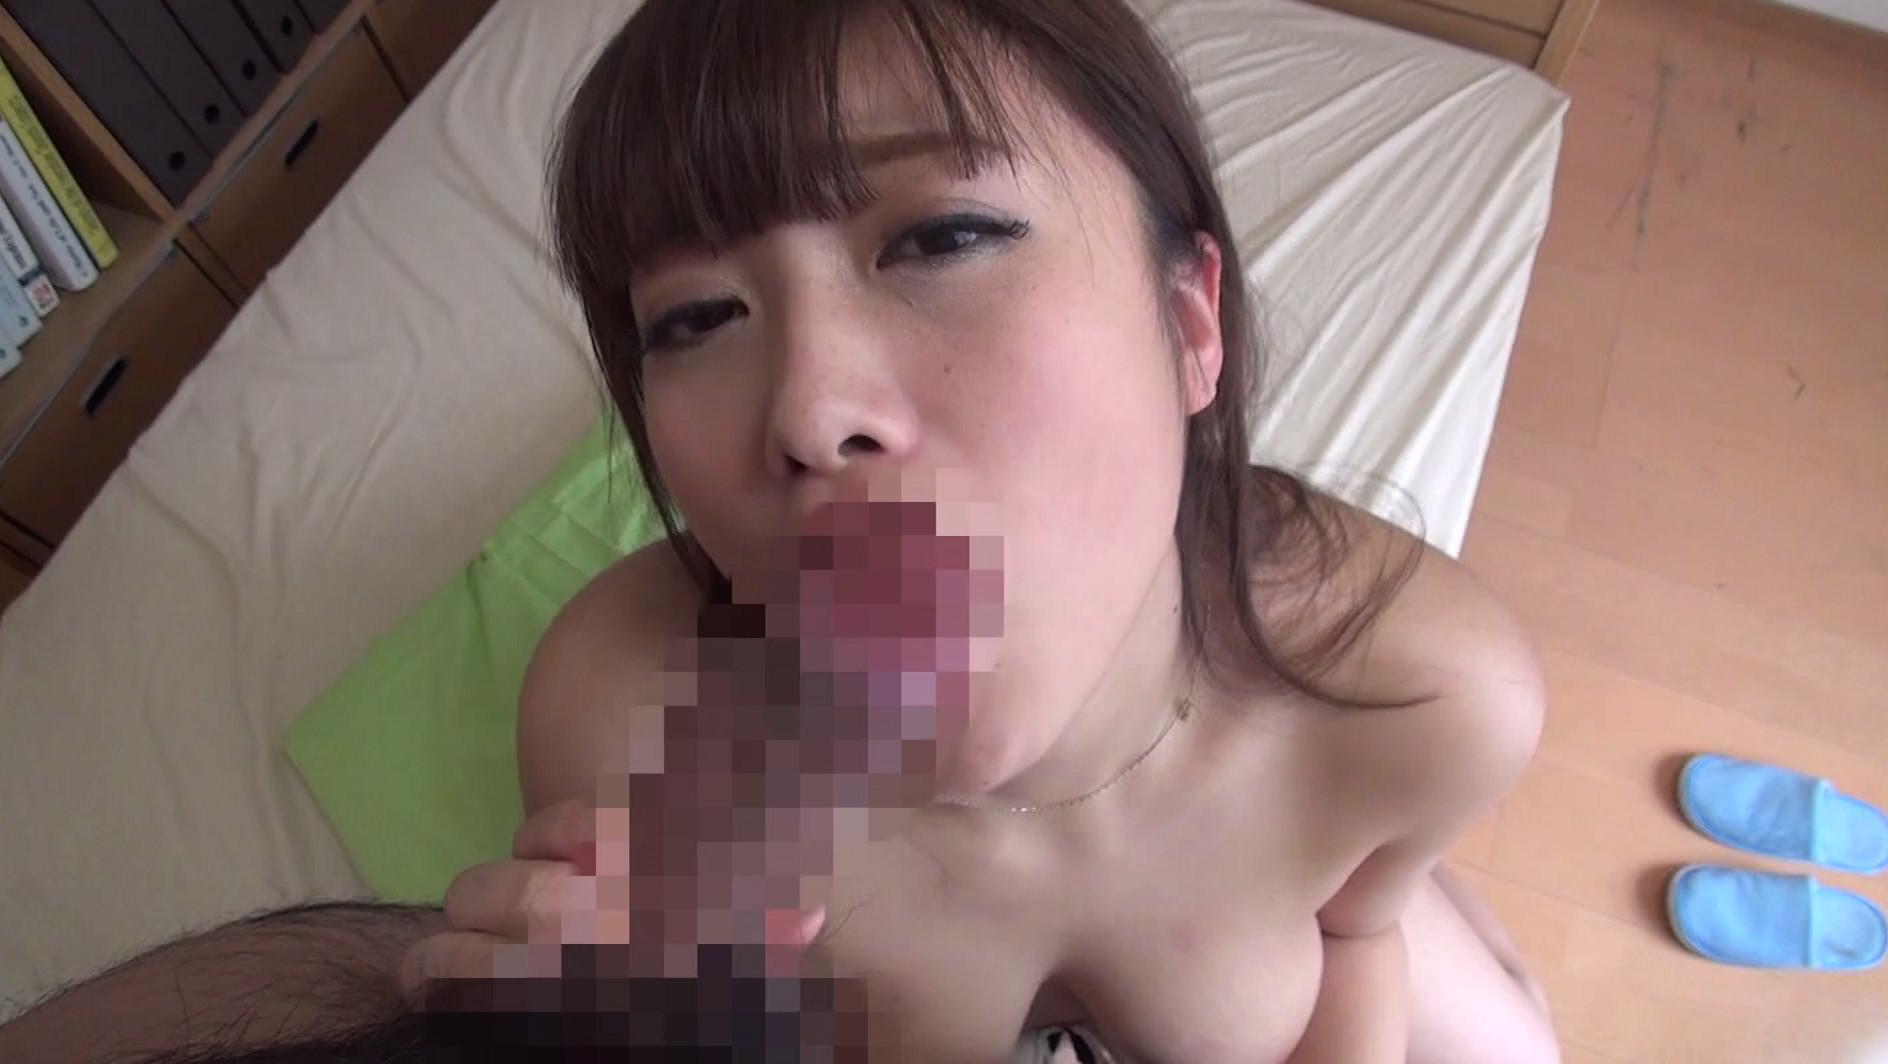 Gカップ巨乳尻グラビアモデル騙し撮り淫交 香乃まどか 画像19